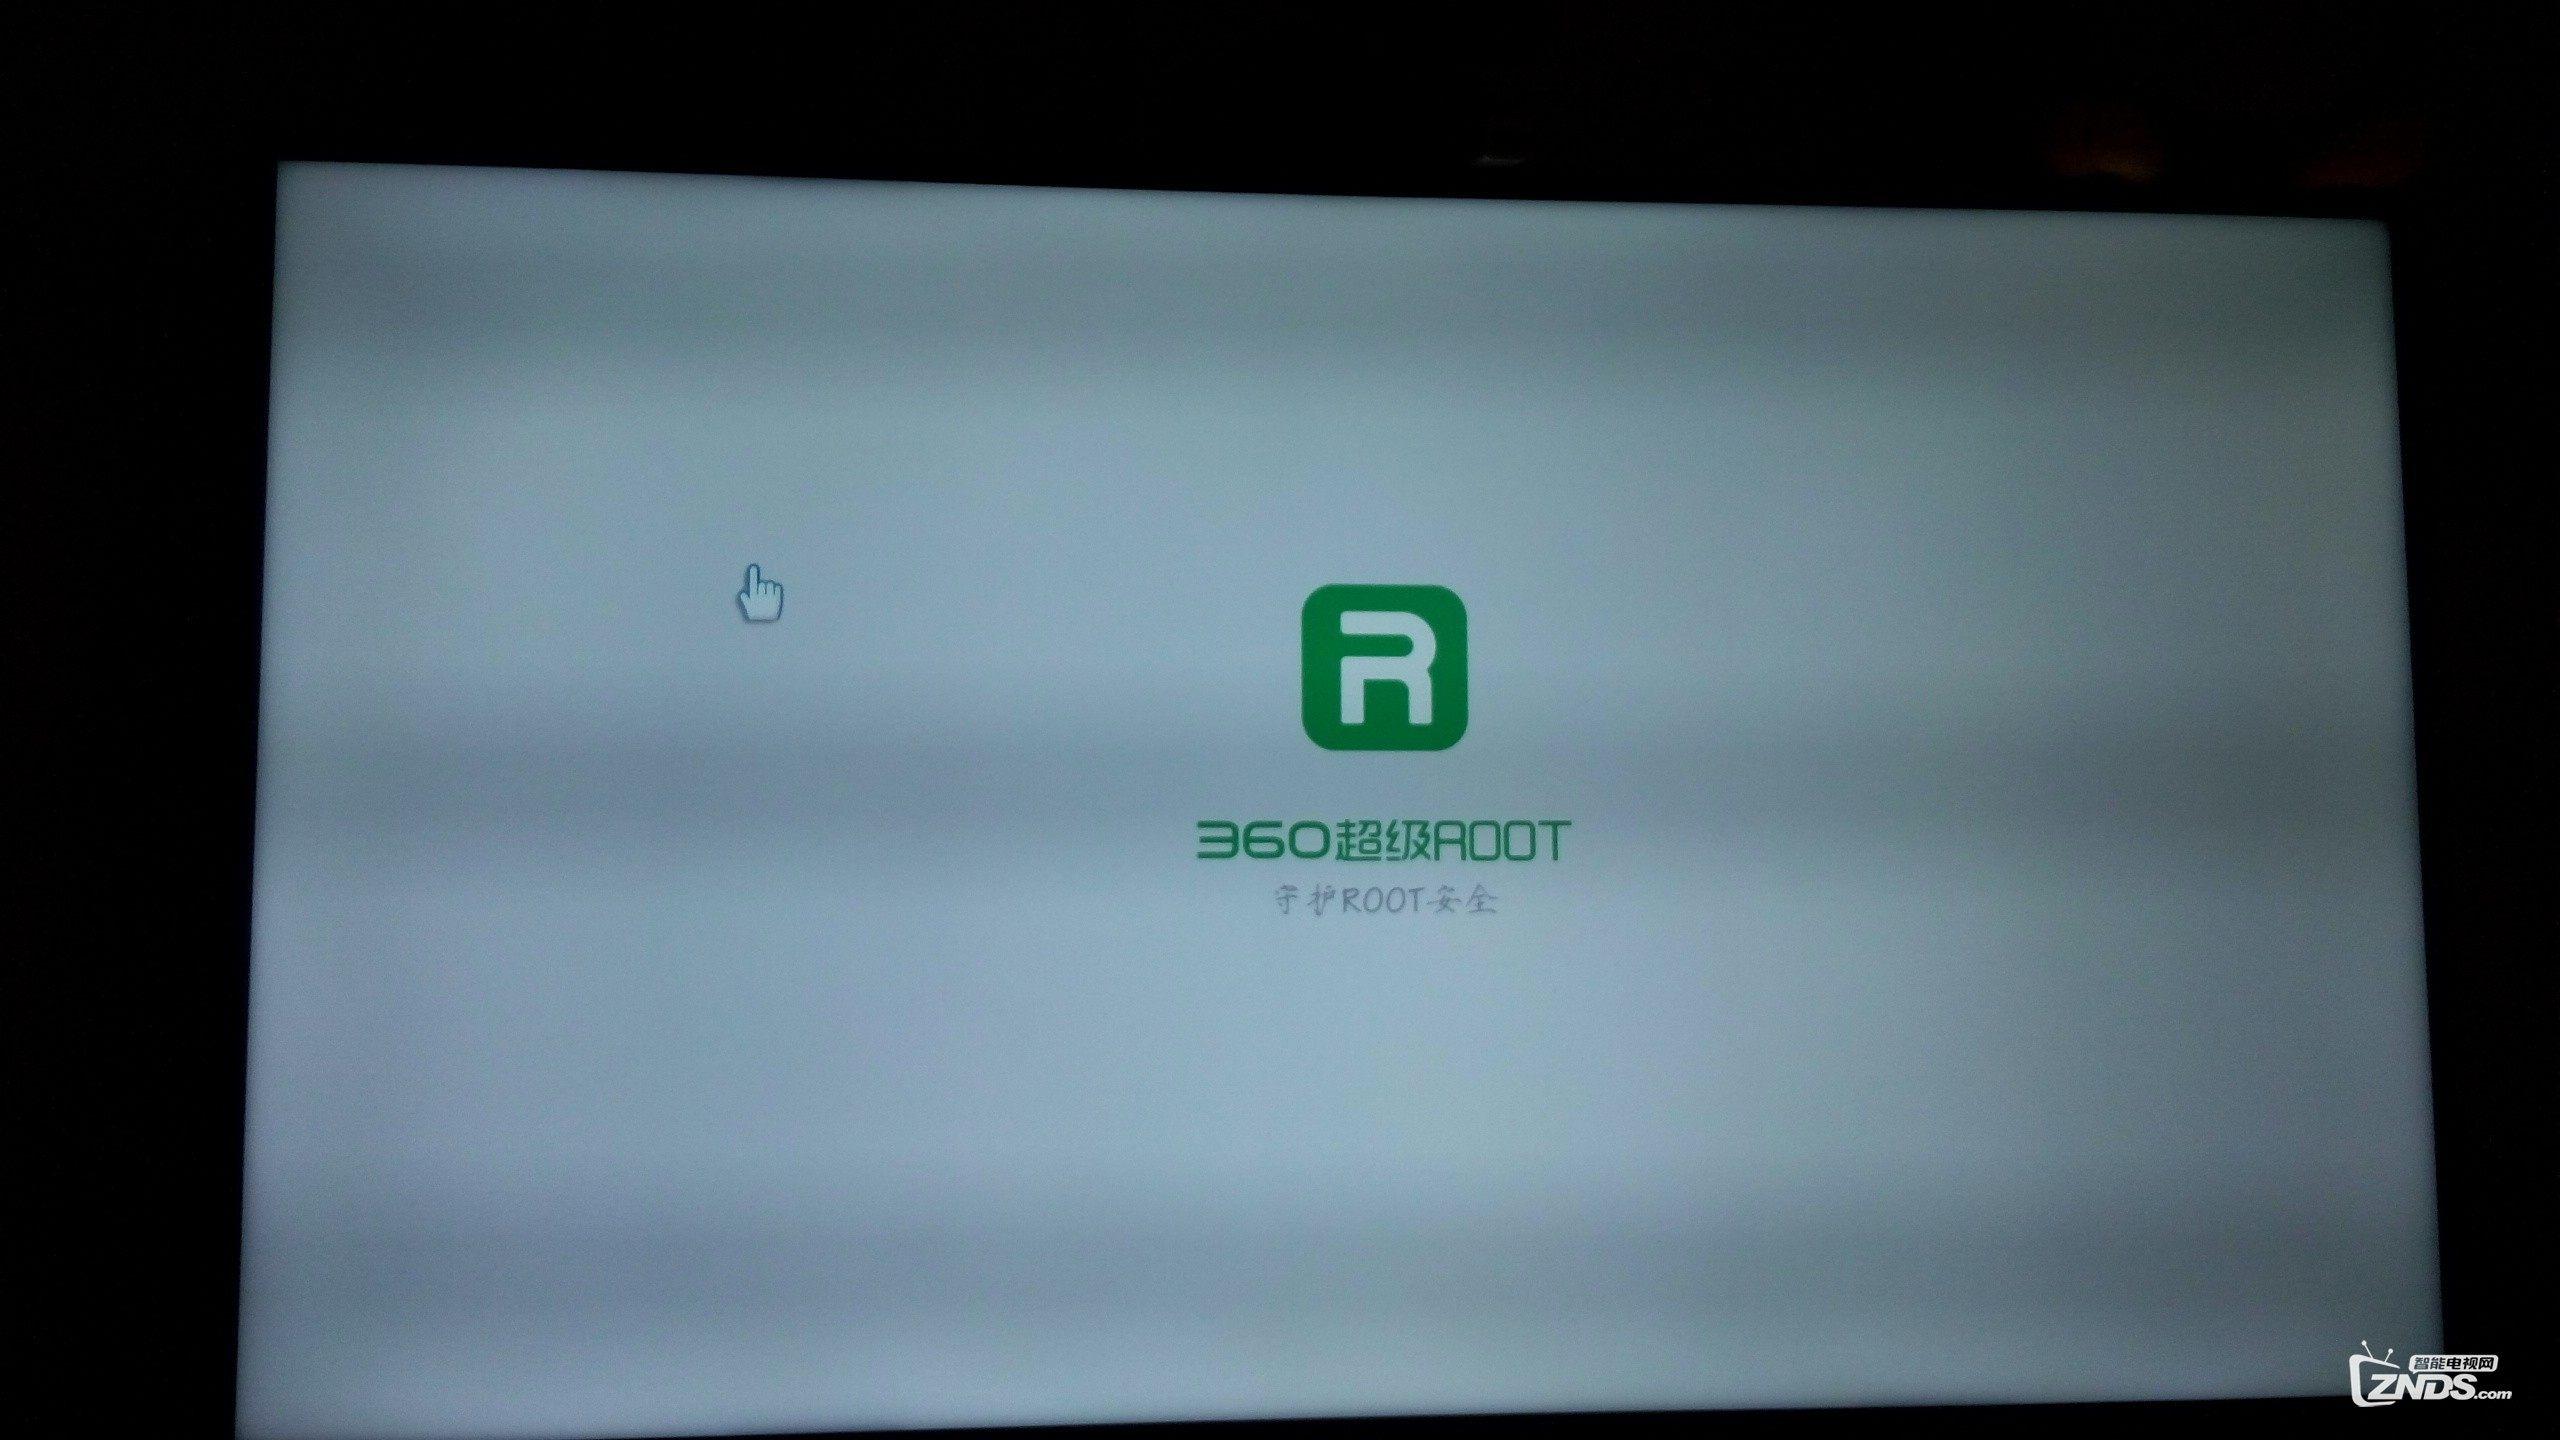 海信智能电视自带应用怎么删除?海信智能电视ROOT教程